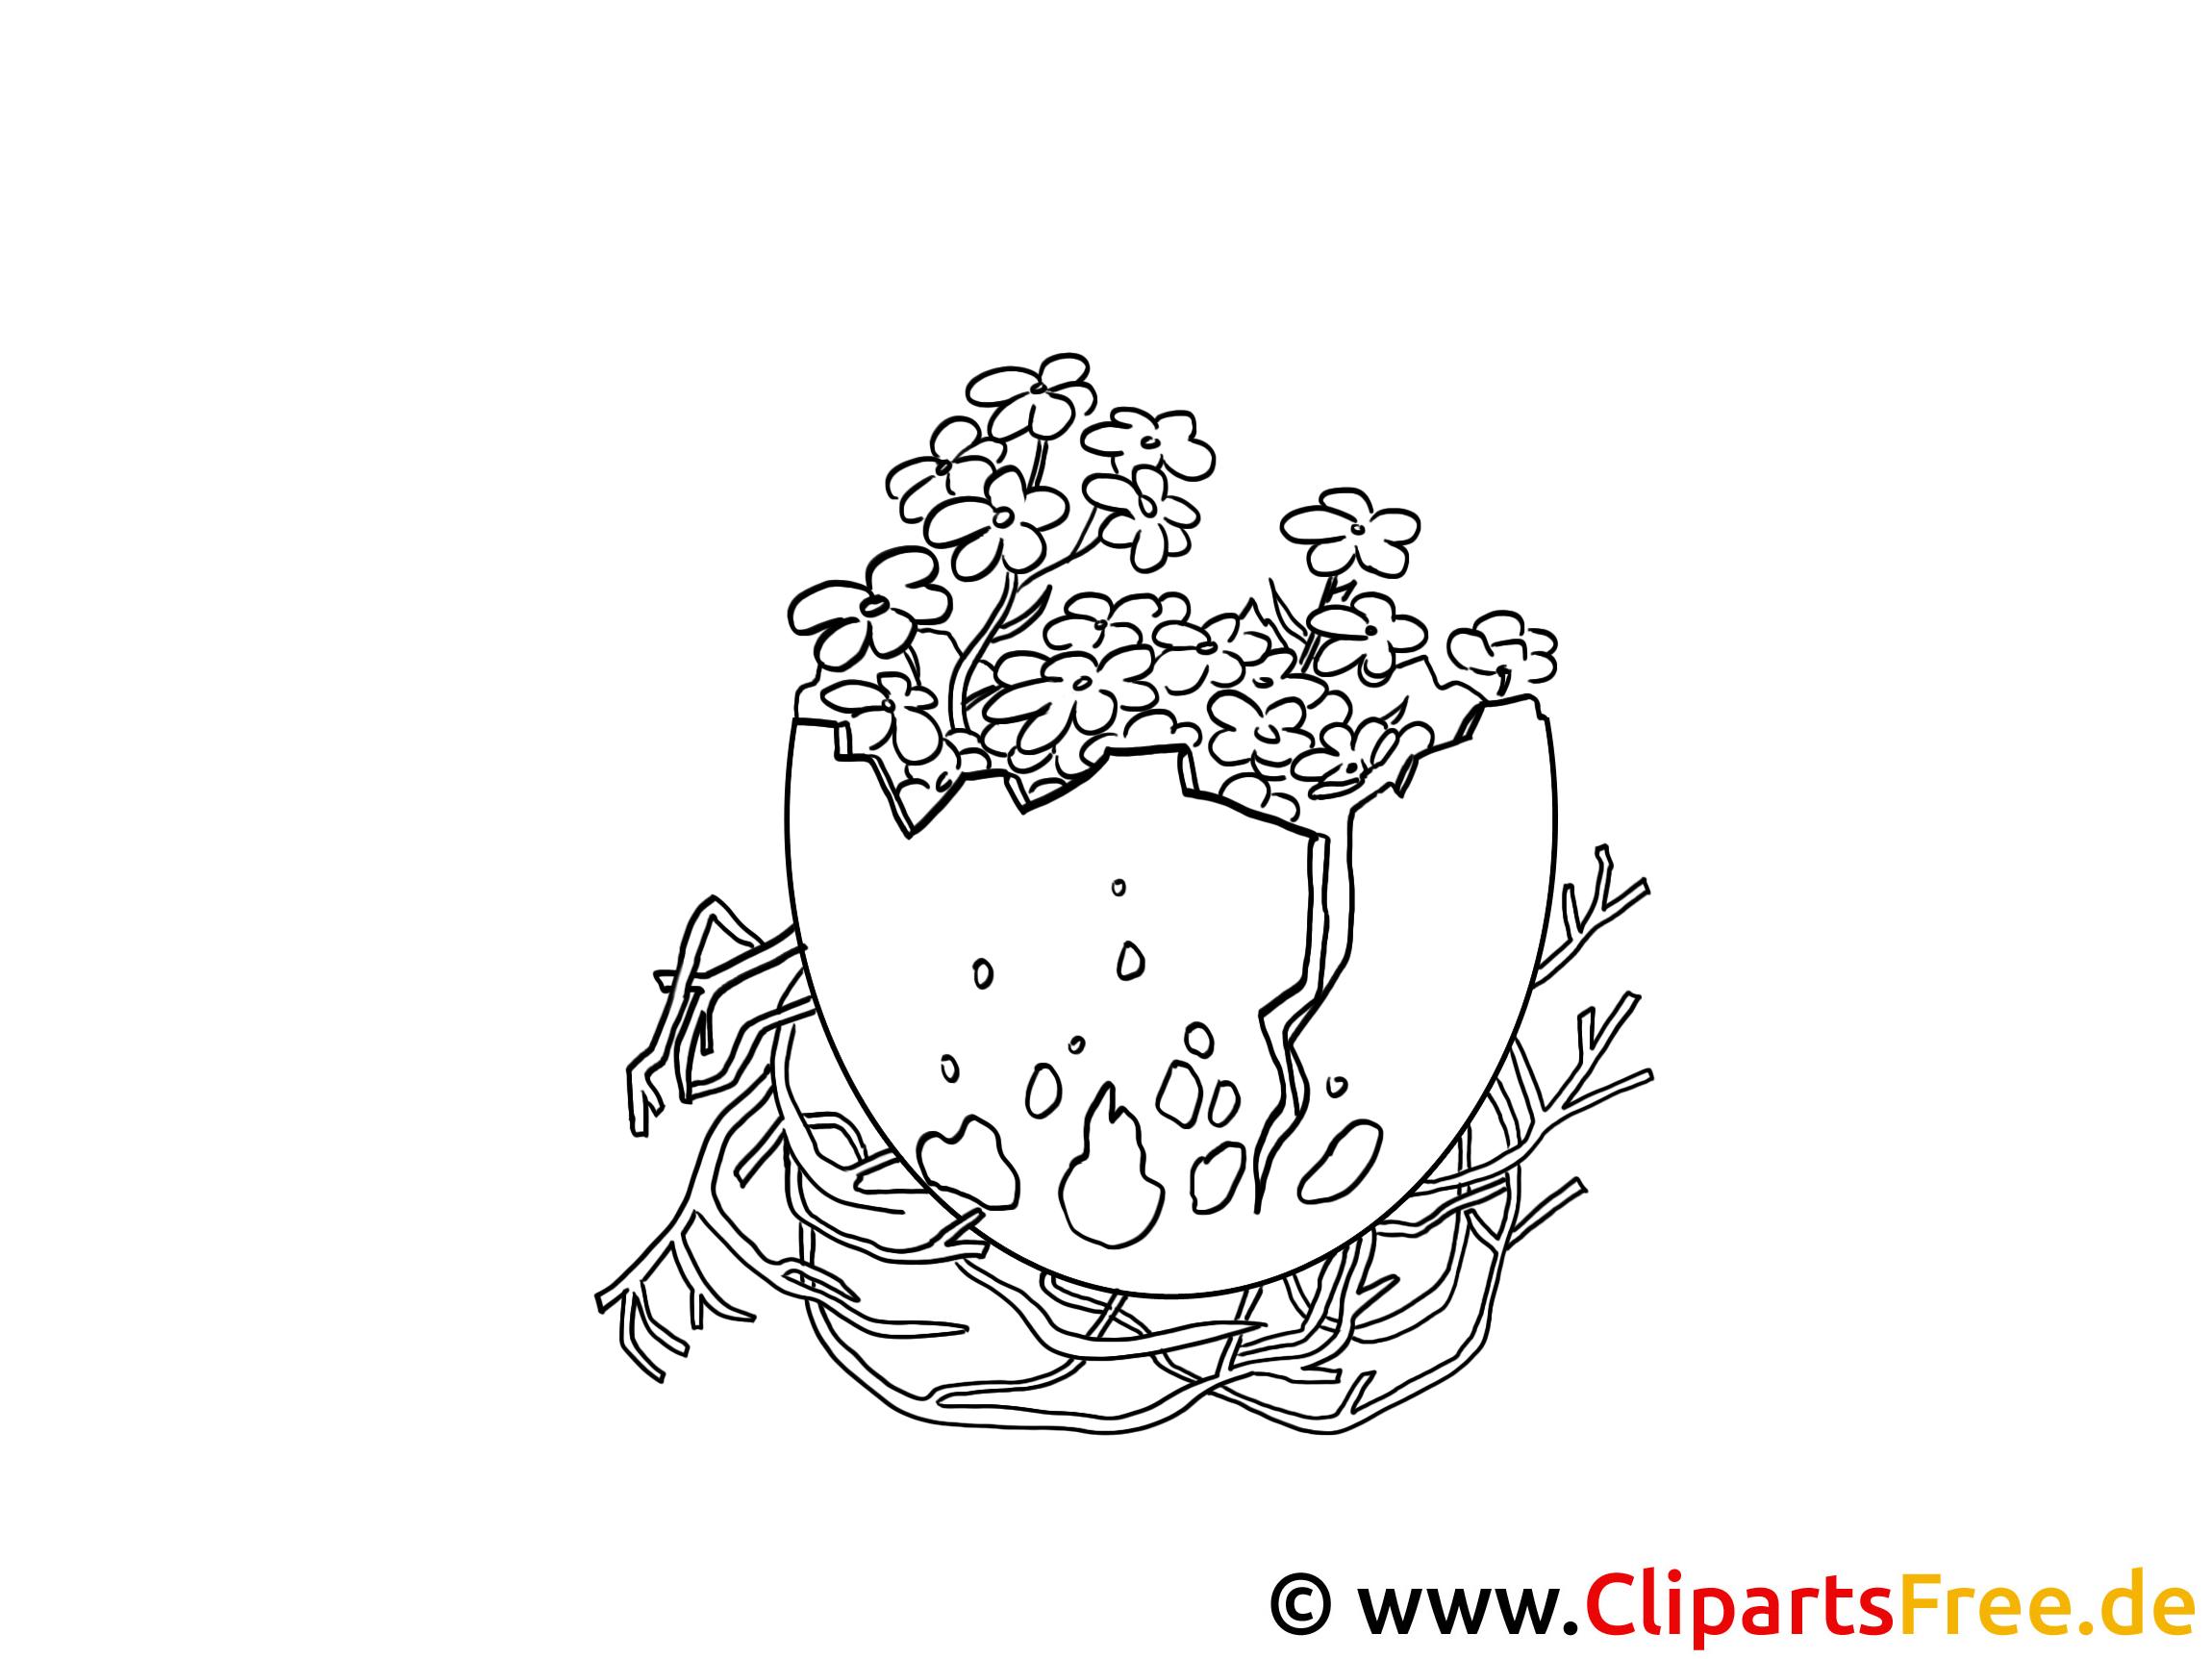 Osterei und Blumenstrauss Ausmalbild